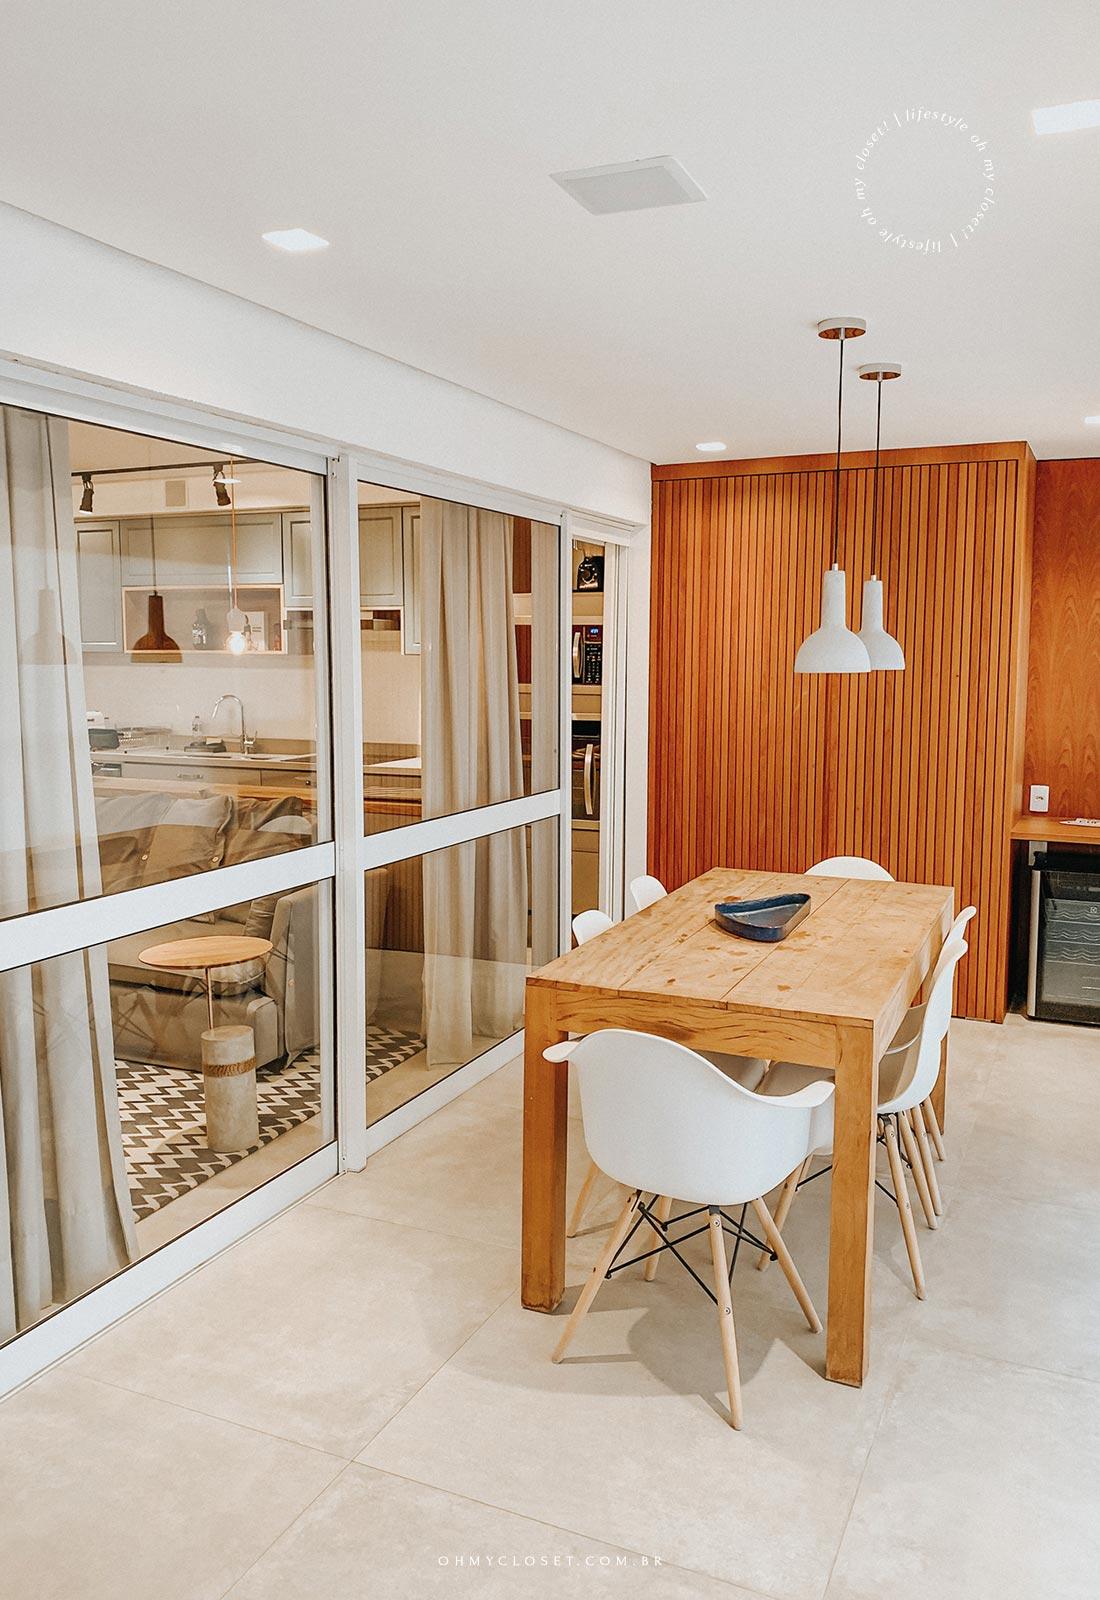 Vista mesa de jantar, adega e sala de TV com cozinha ao fundo, DNA Pinheiros.